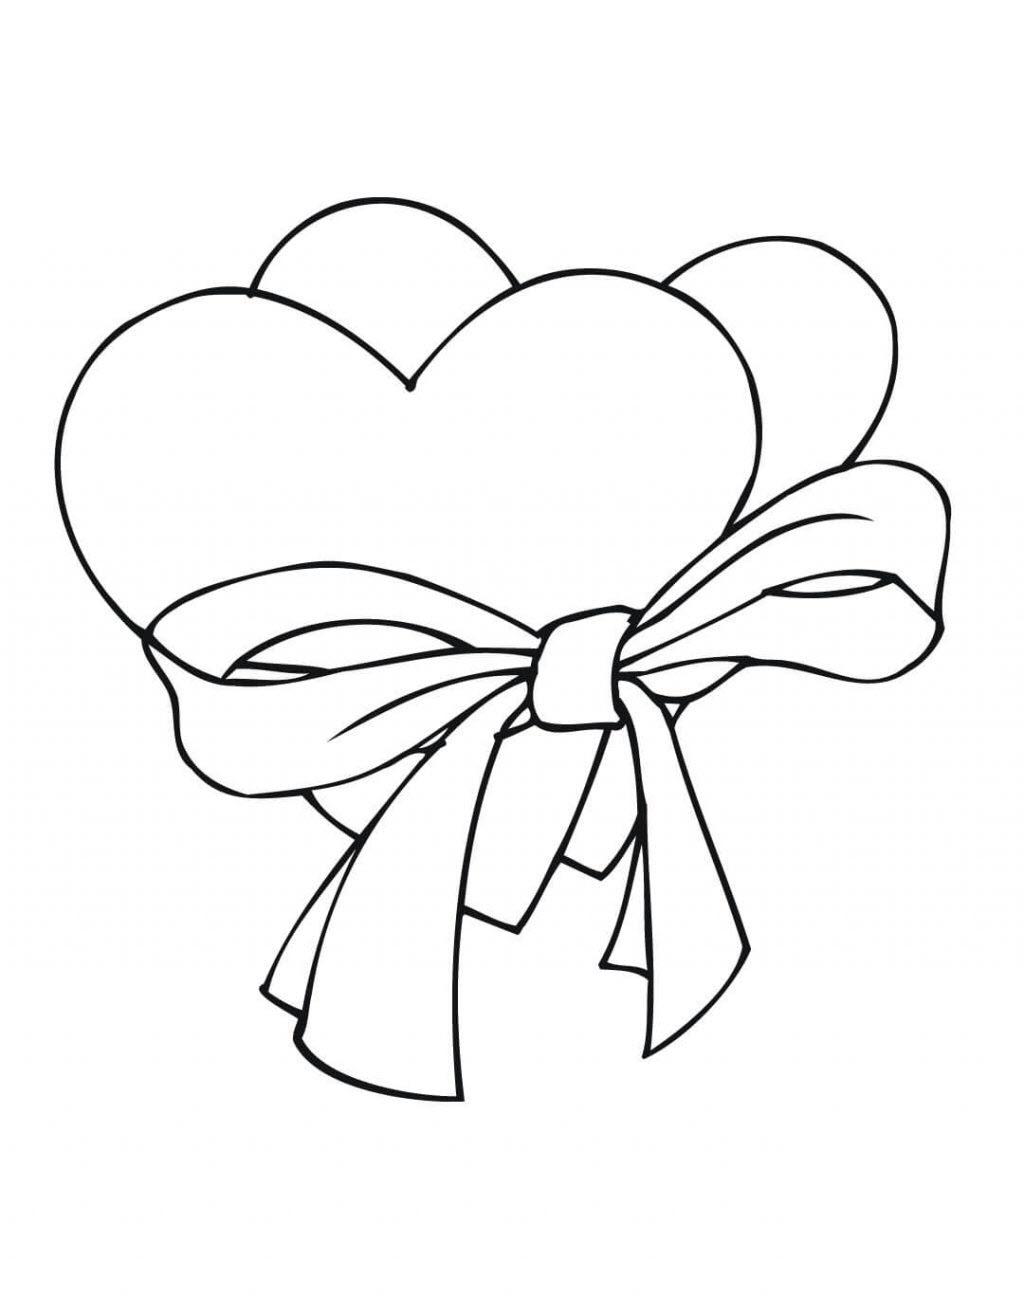 Tranh tô màu hình trái tim buộc nơ